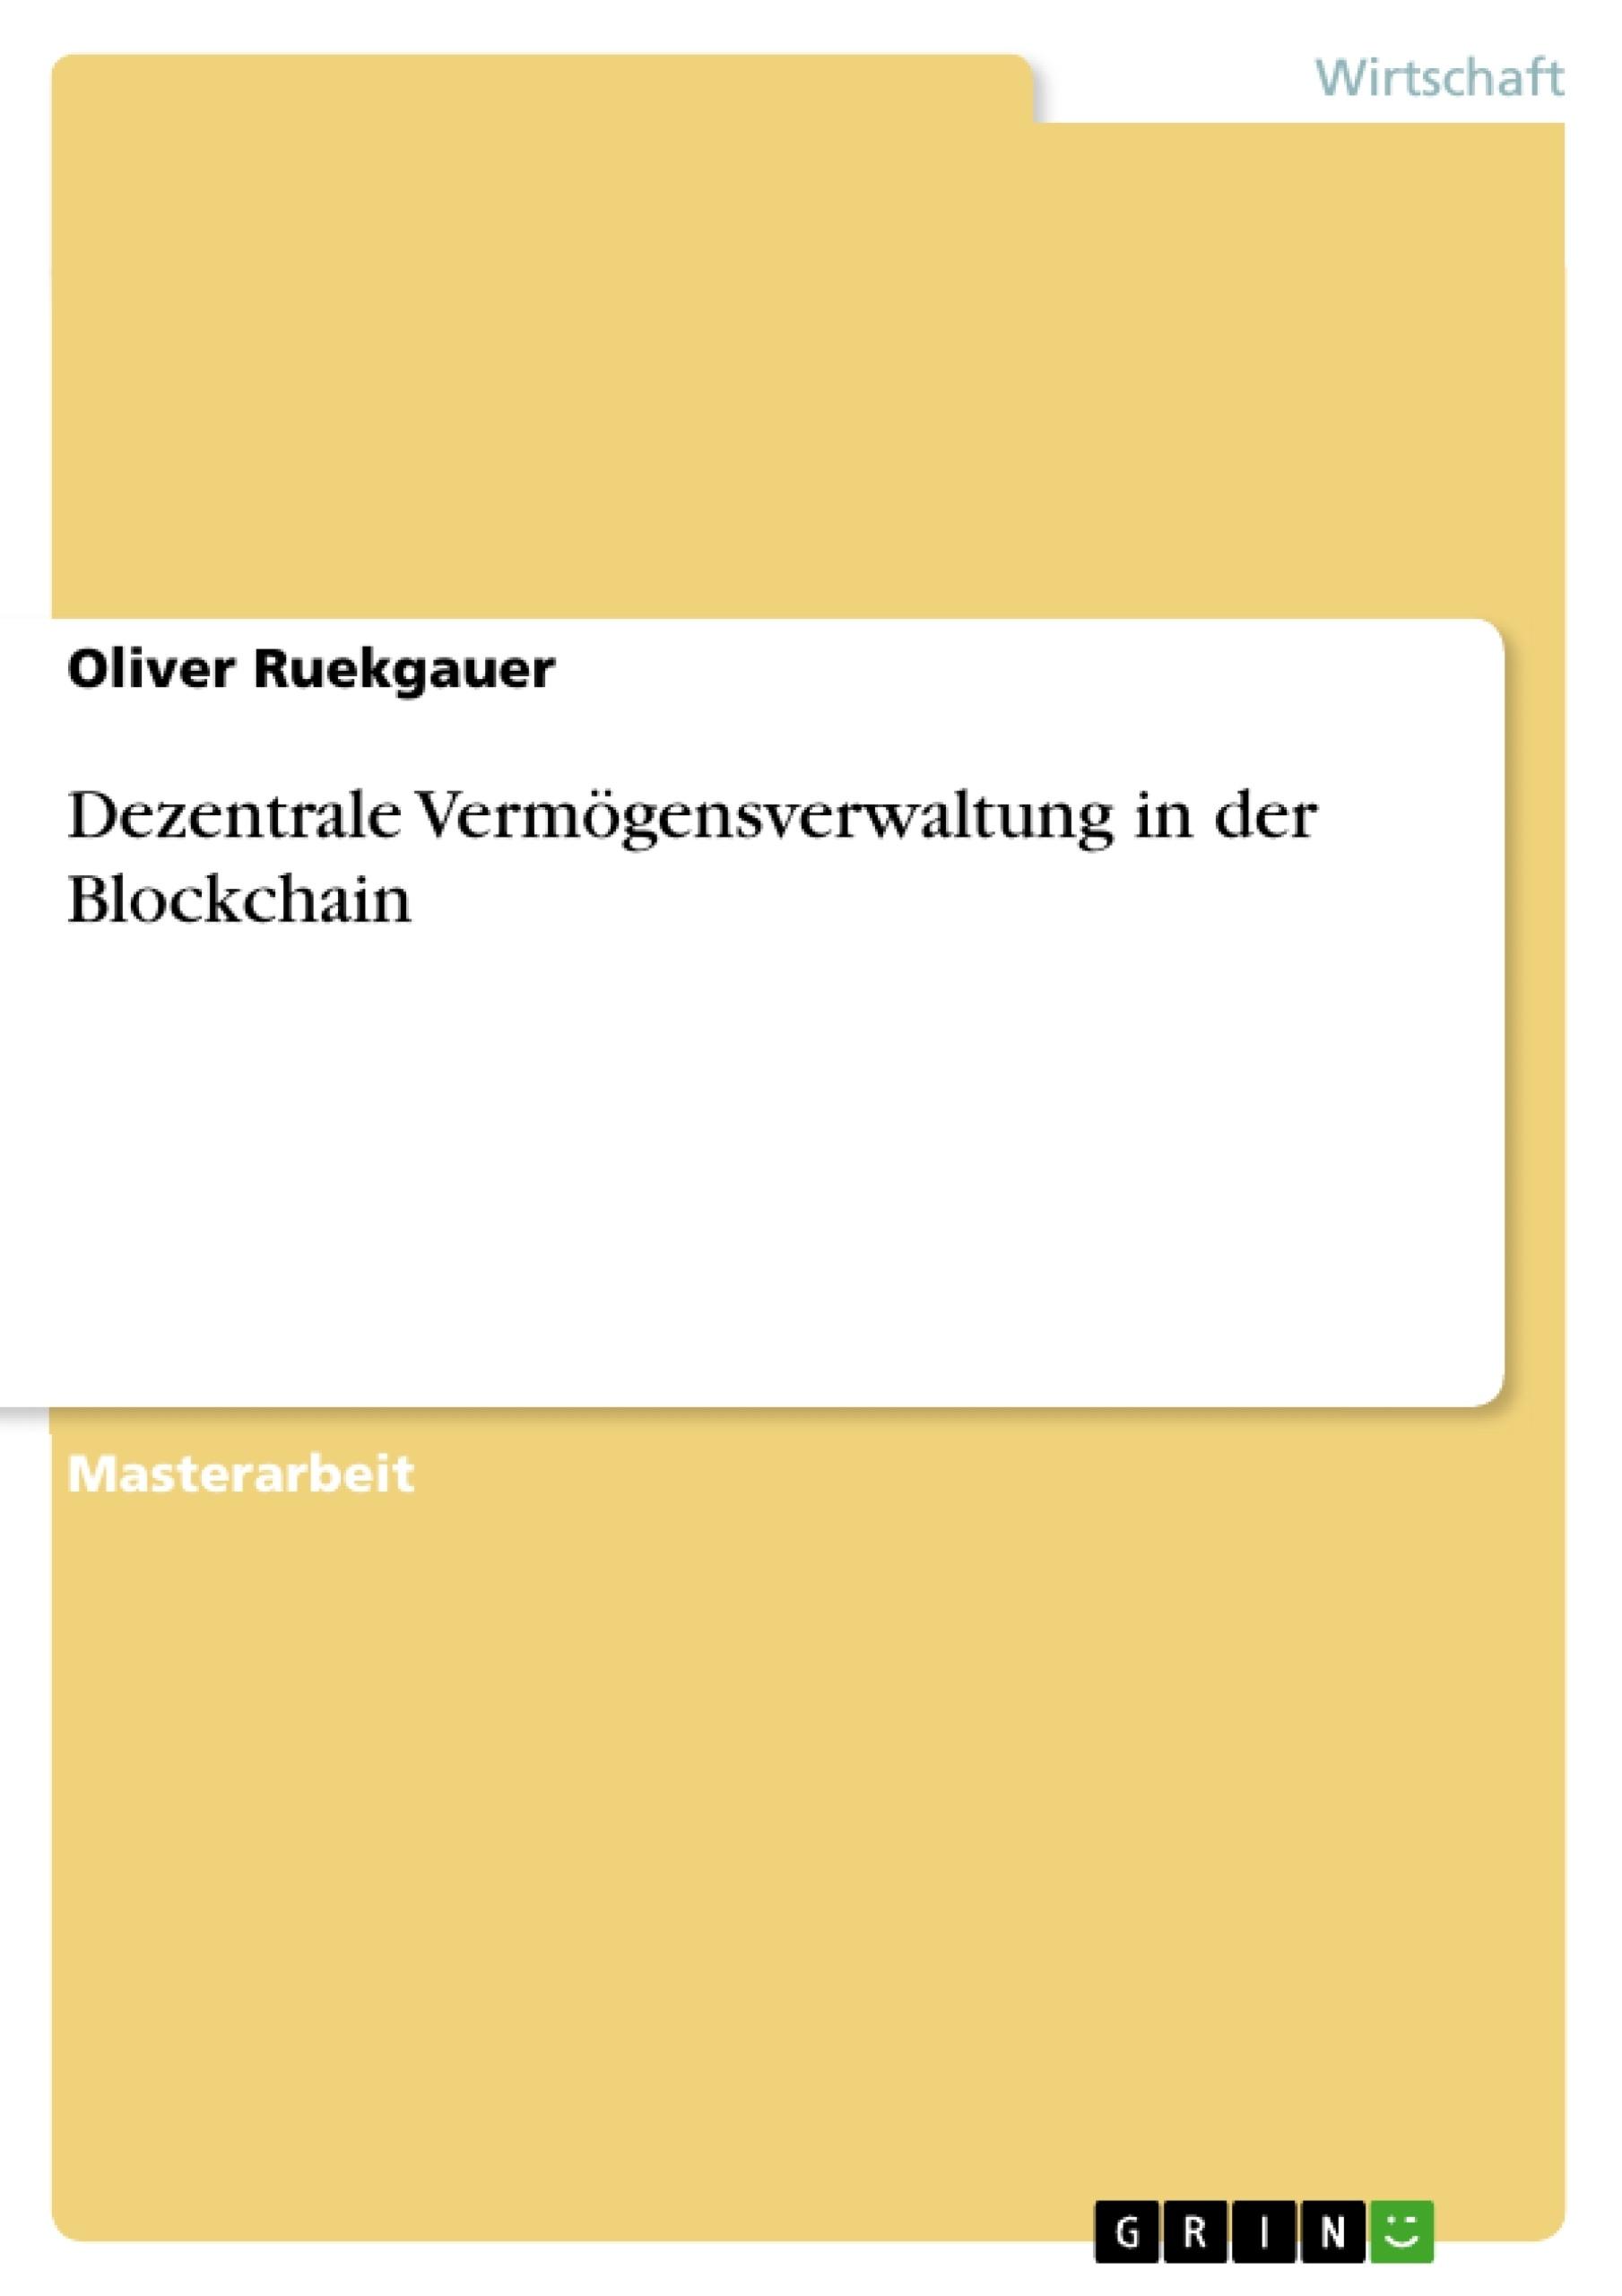 Titel: Dezentrale Vermögensverwaltung in der Blockchain